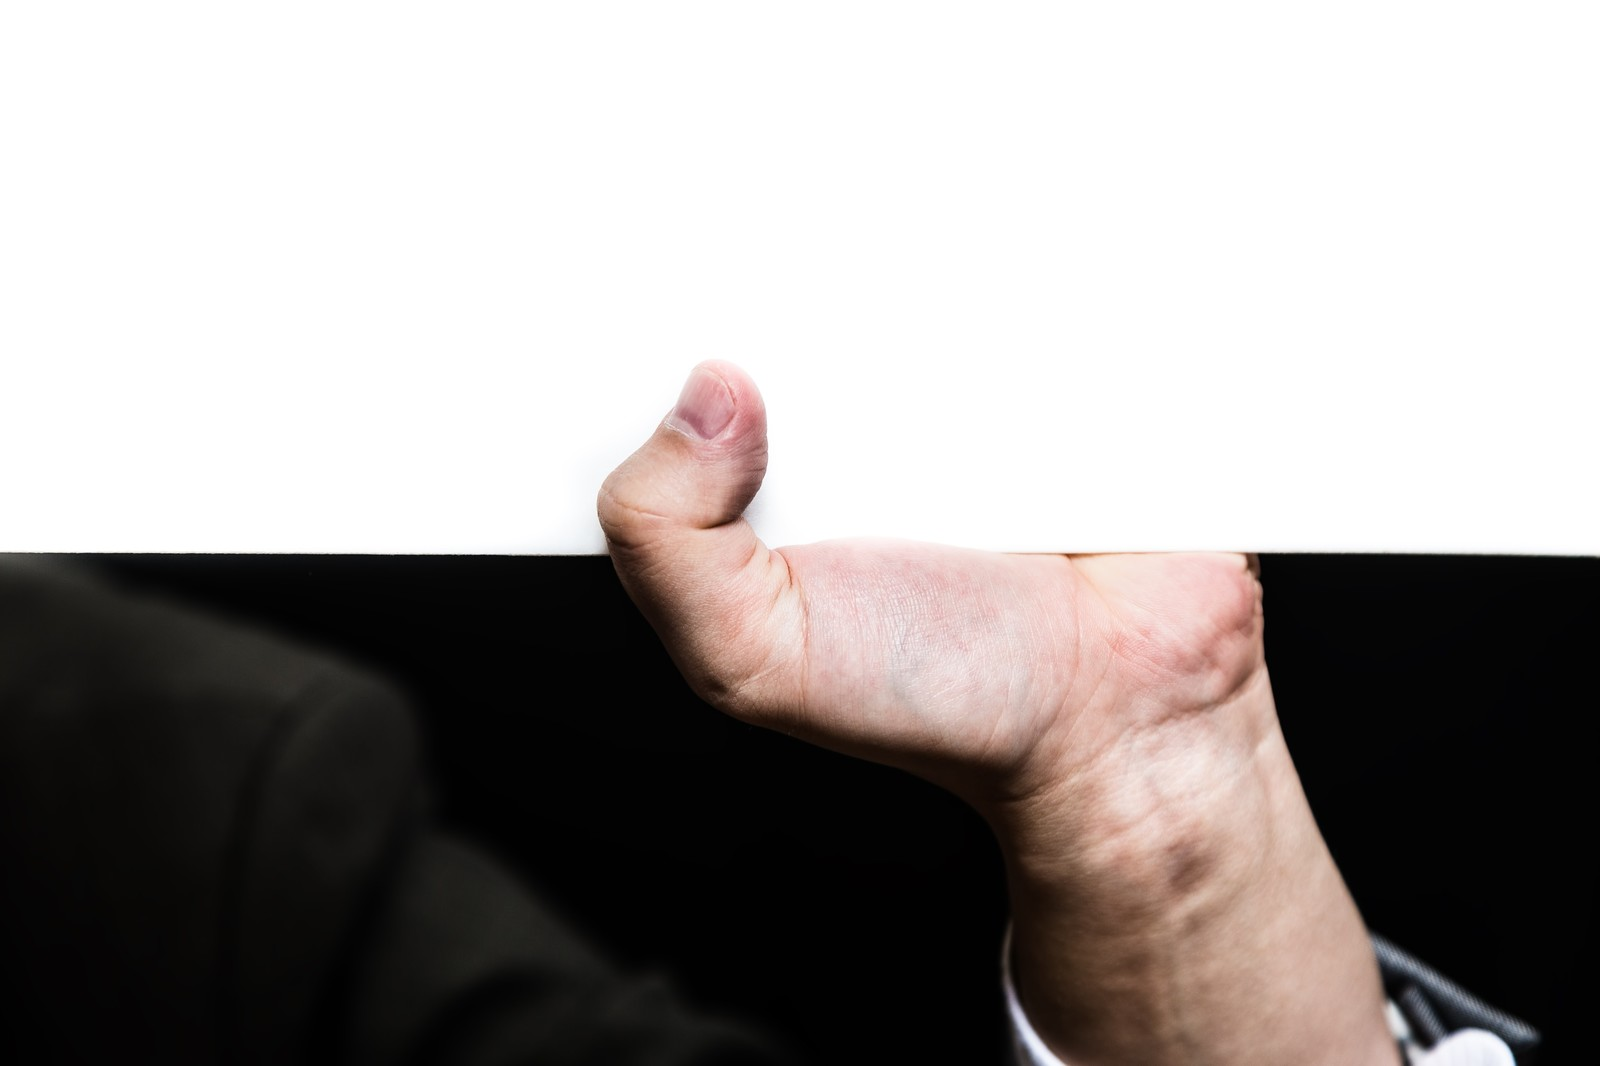 「ホワイトボードを支える手」の写真